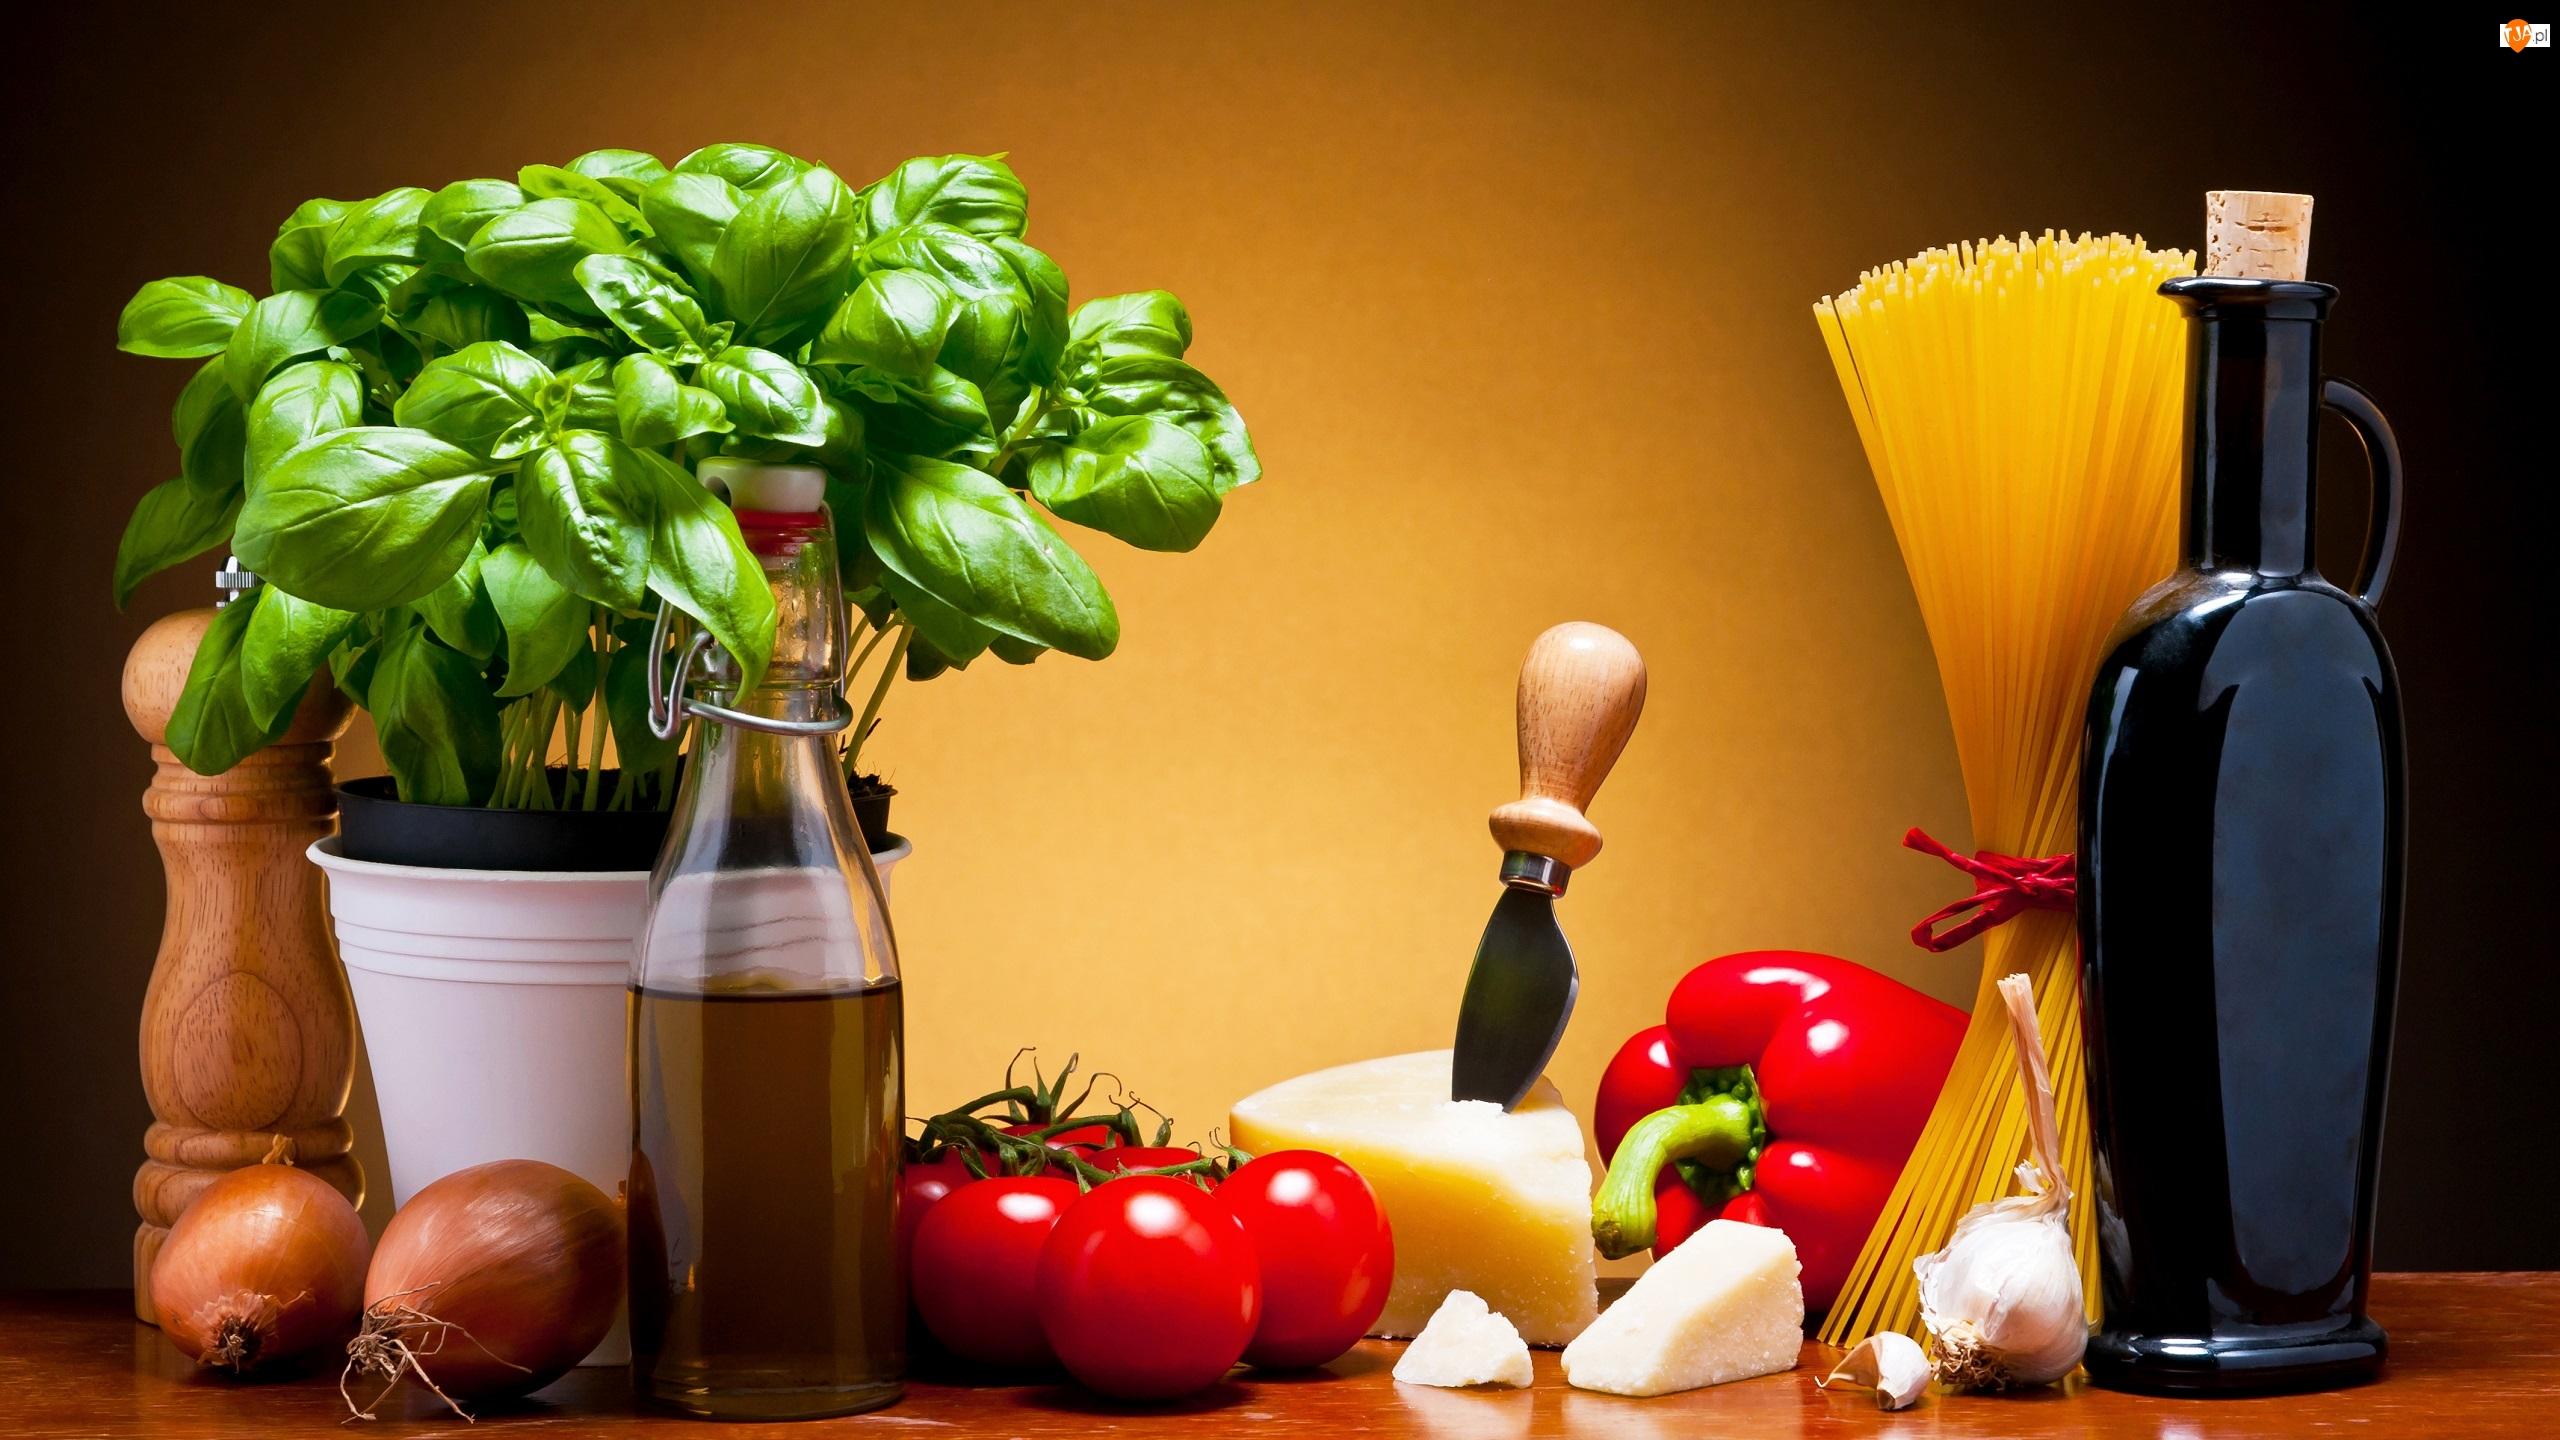 Makaron, Oliwy, Papryka, Pomidory, Produkty, Cebule, Bazylia